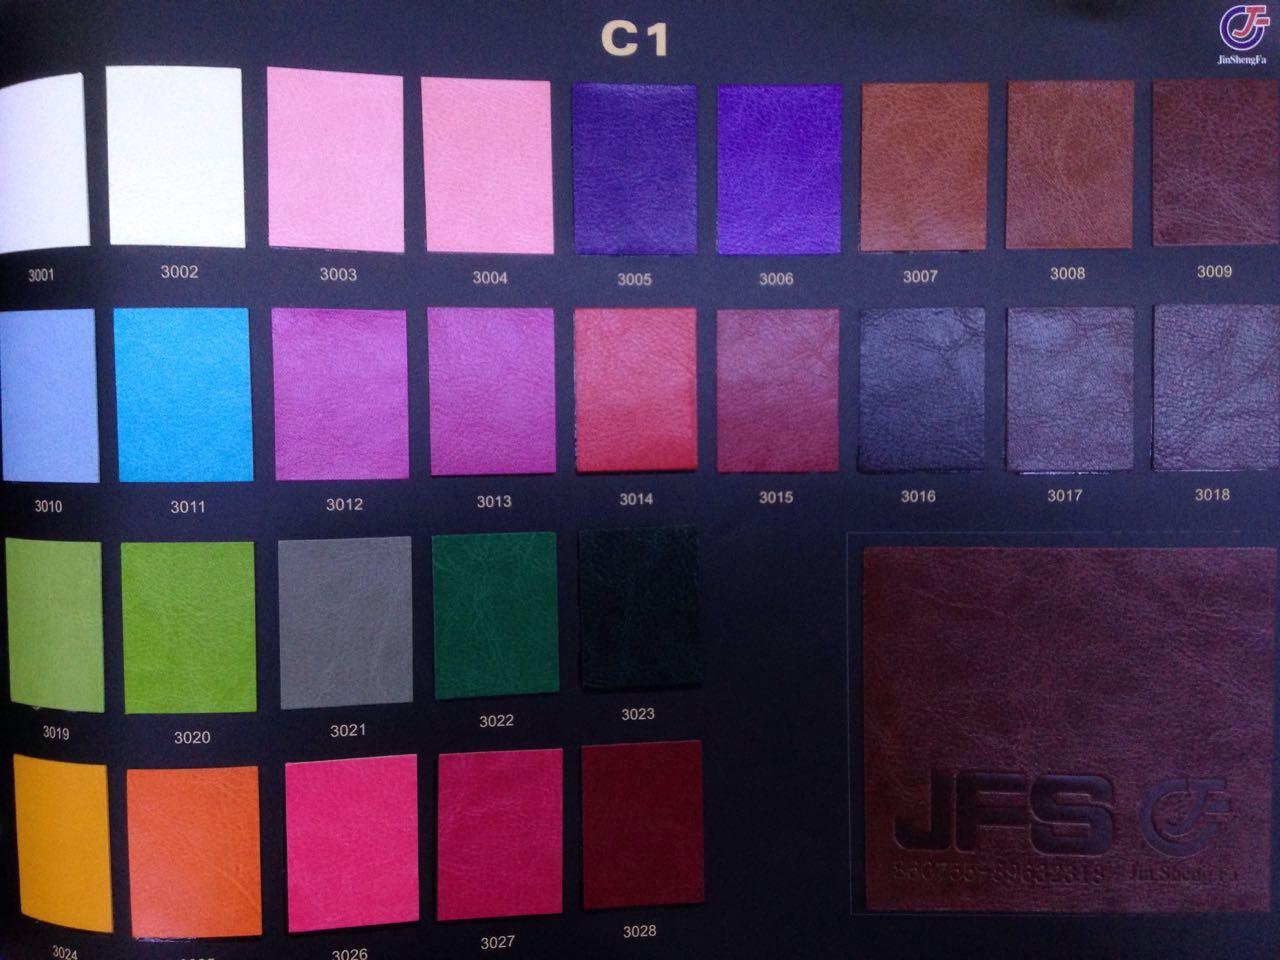 厂家直销PU革电子材料包装革热压变色手机套C1图片二